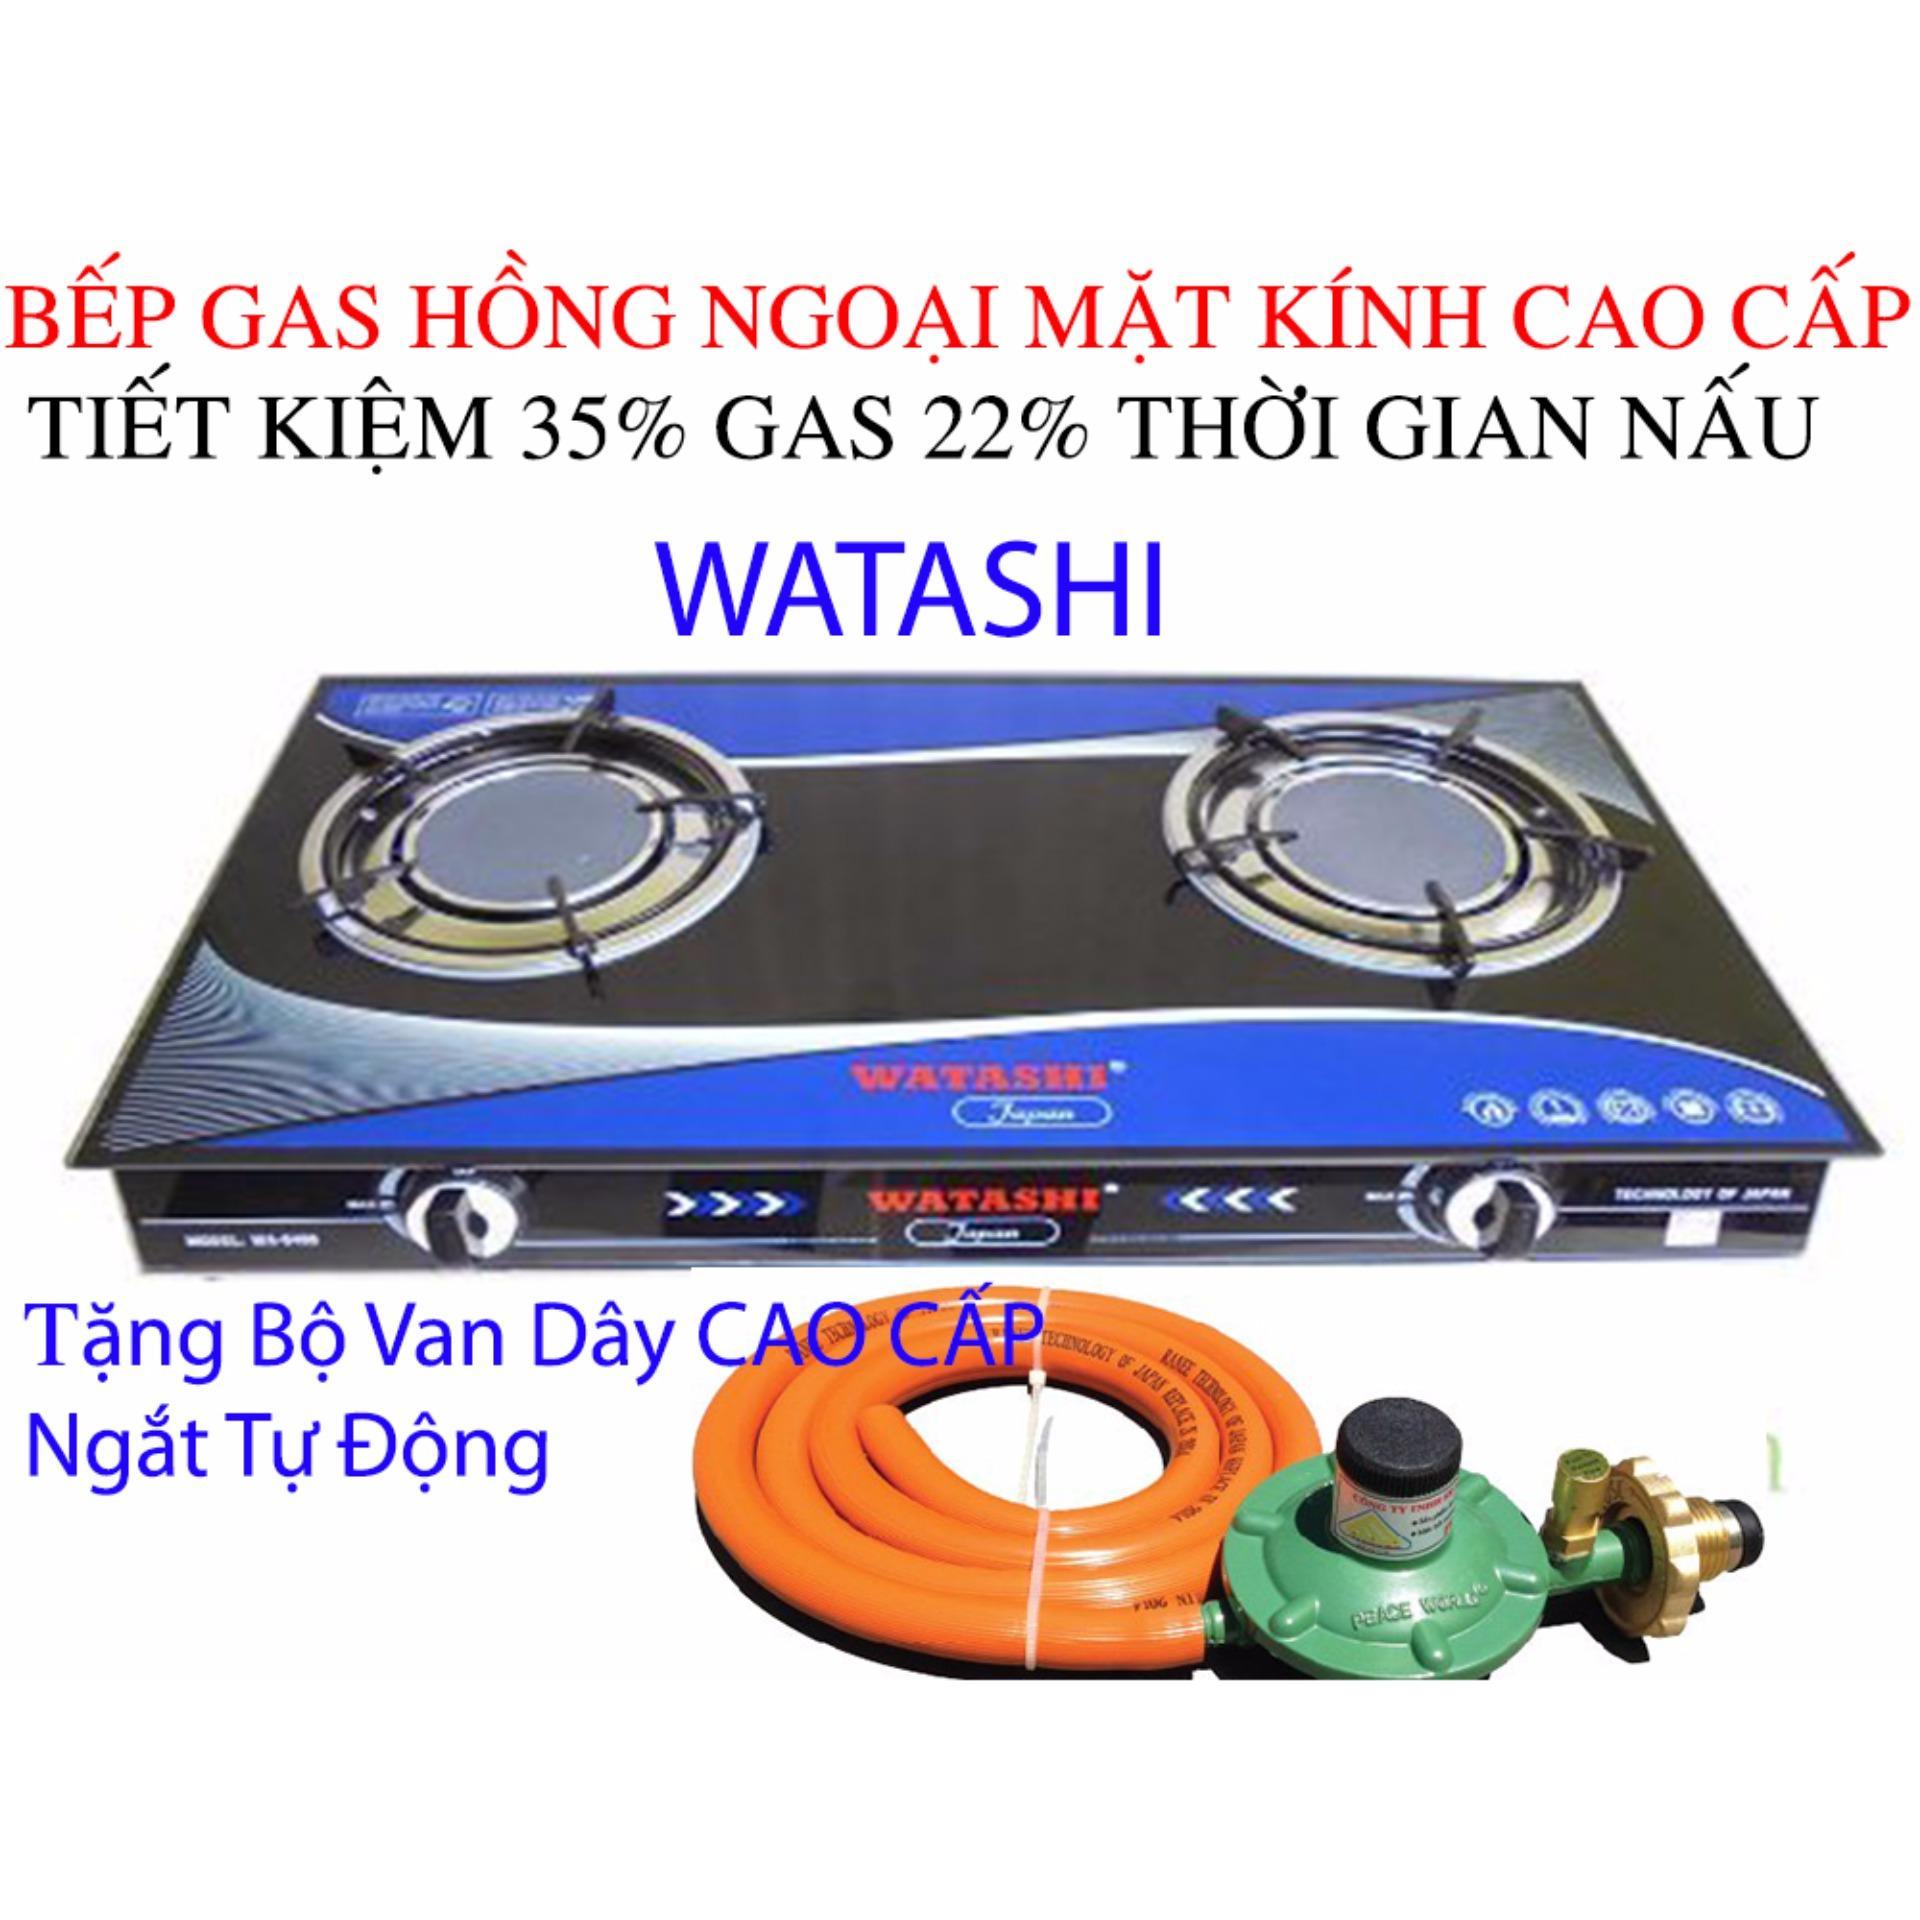 Nơi Bán bep ga hồng ngoại Cao Cấp Bếp gas WATASHI Tiêt Kiệm Gas 35% 0466 Tặng Bộ Van Dây